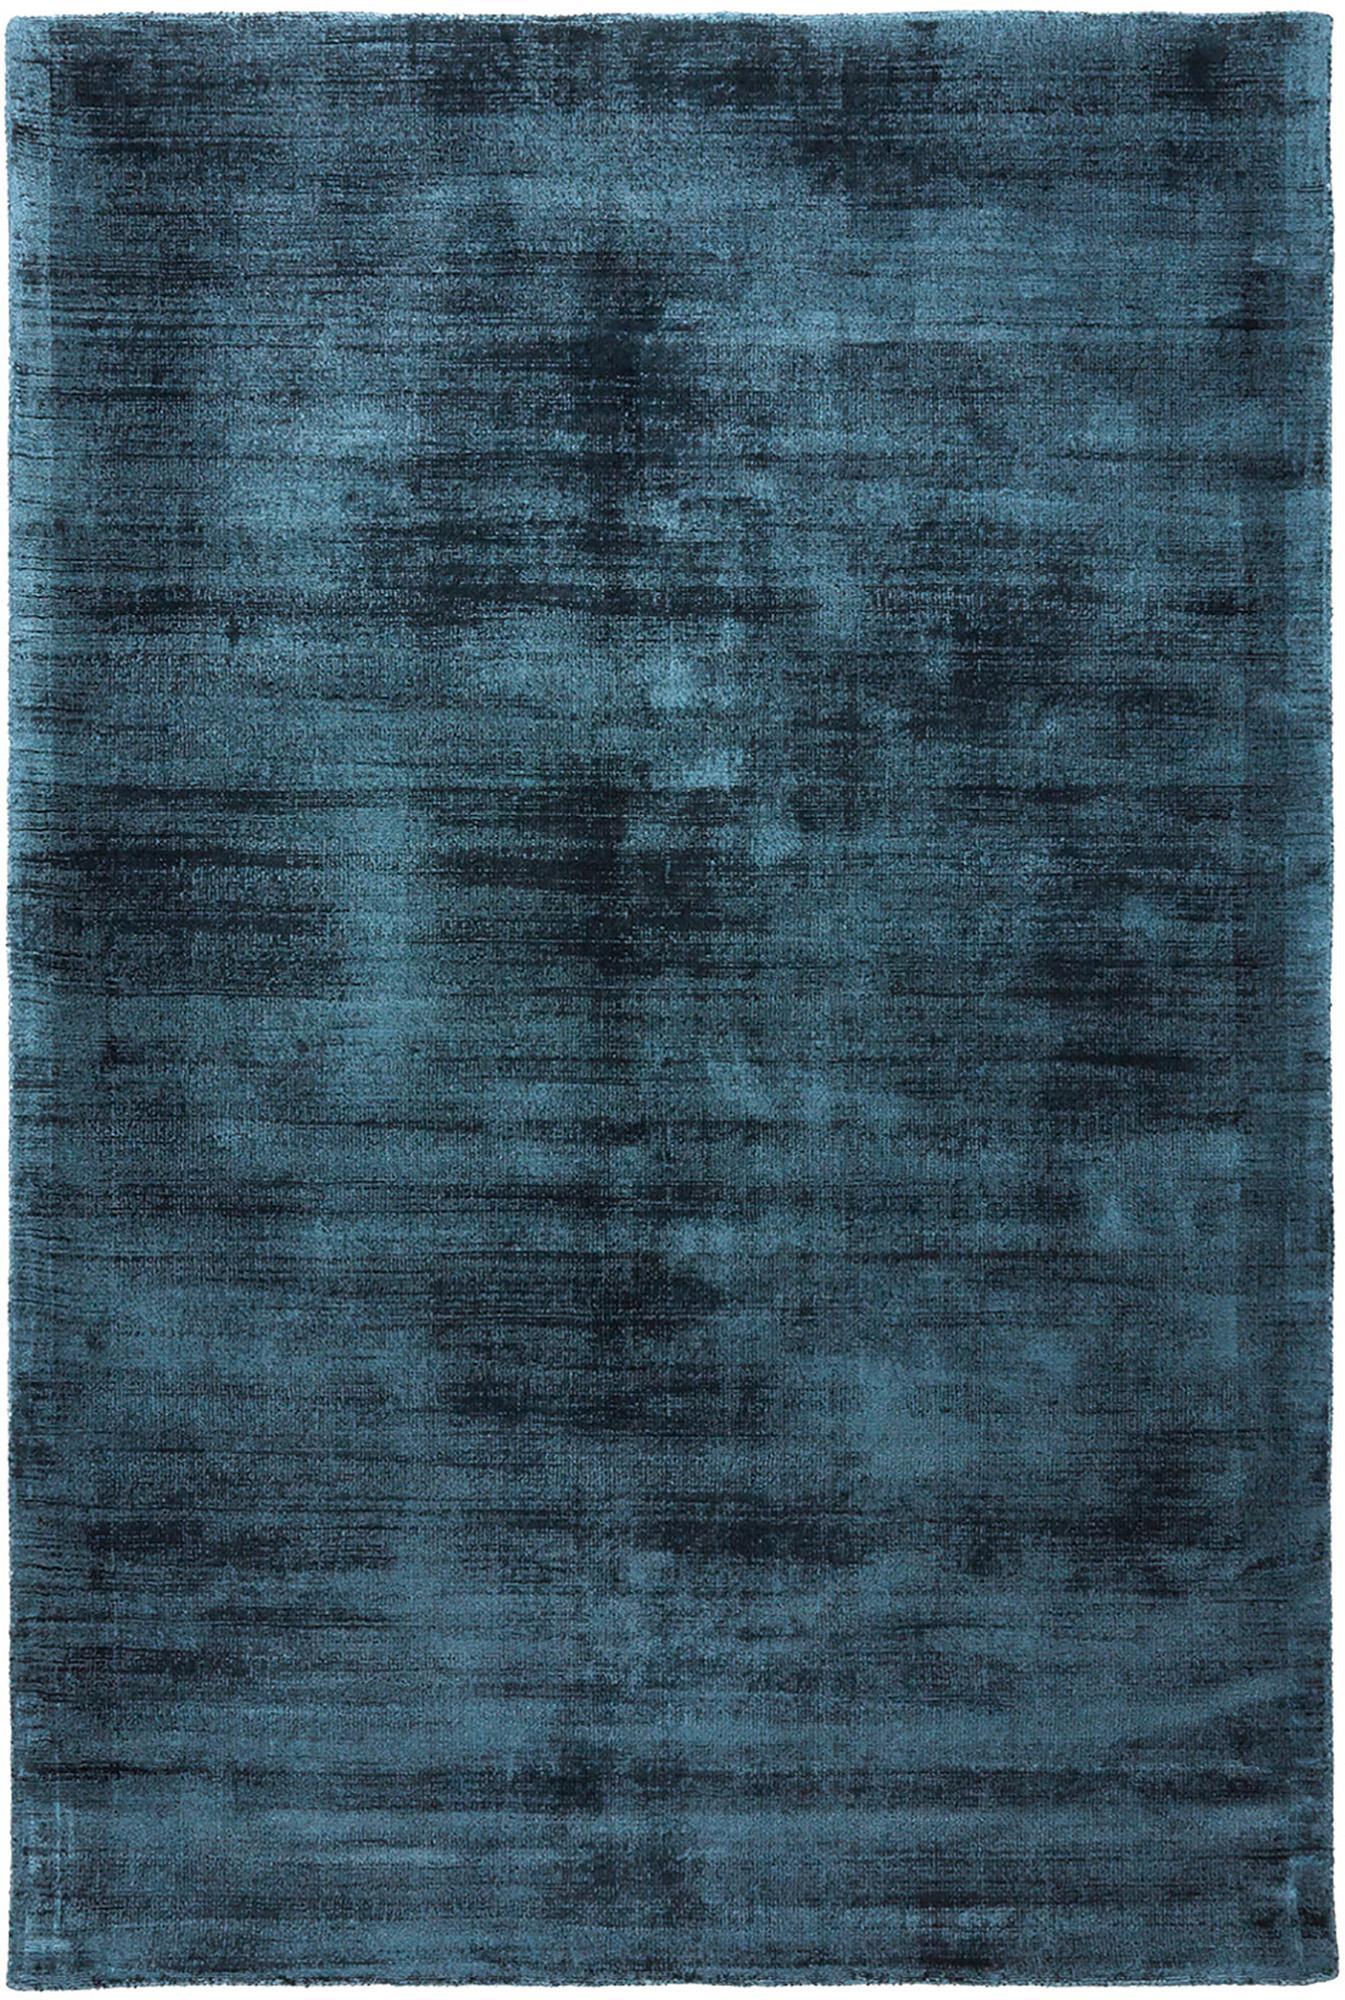 Alfombra artesanal de viscosa Jane, Parte superior: 100%viscosa, Reverso: 100%algodón, Azul petróleo, An 200 x L 300 cm (Tamaño L)